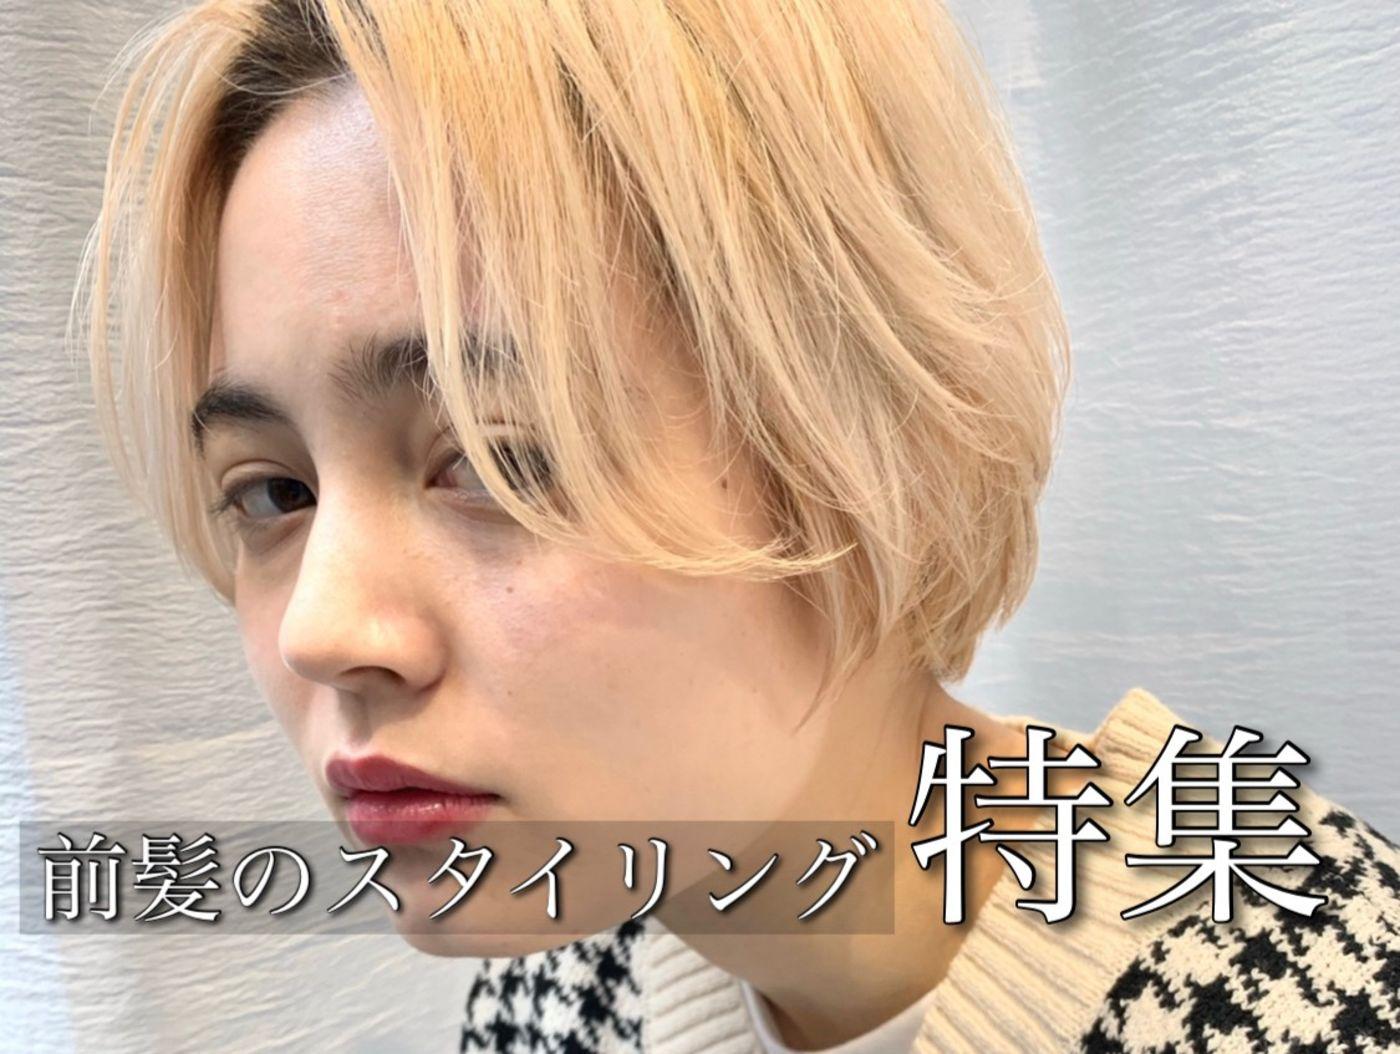 【前髪で色んなセットをしたい方】おすすめセット方法・スタイリング剤特集★